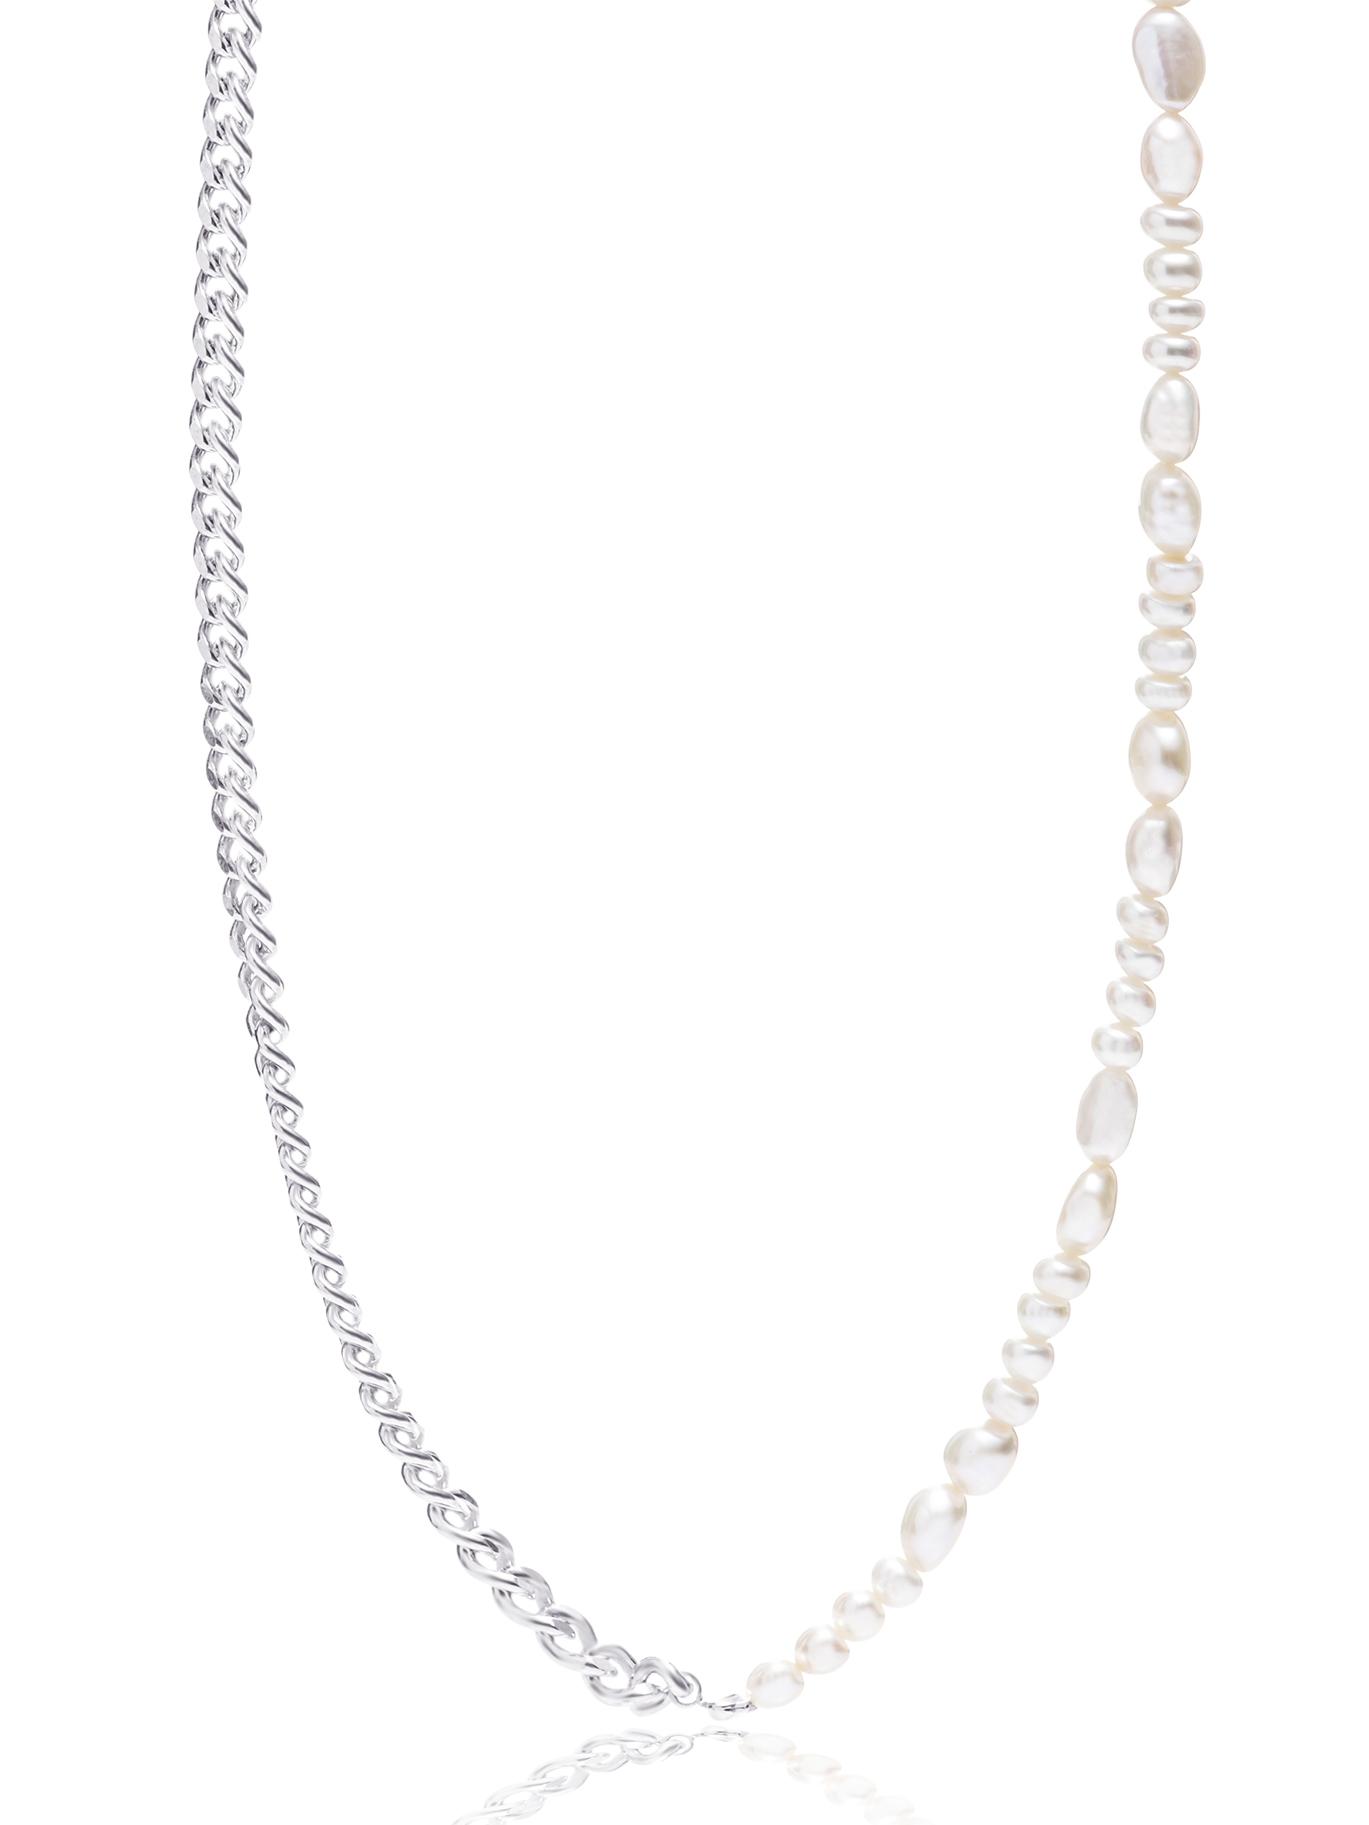 Silver Half Necklace.jpg